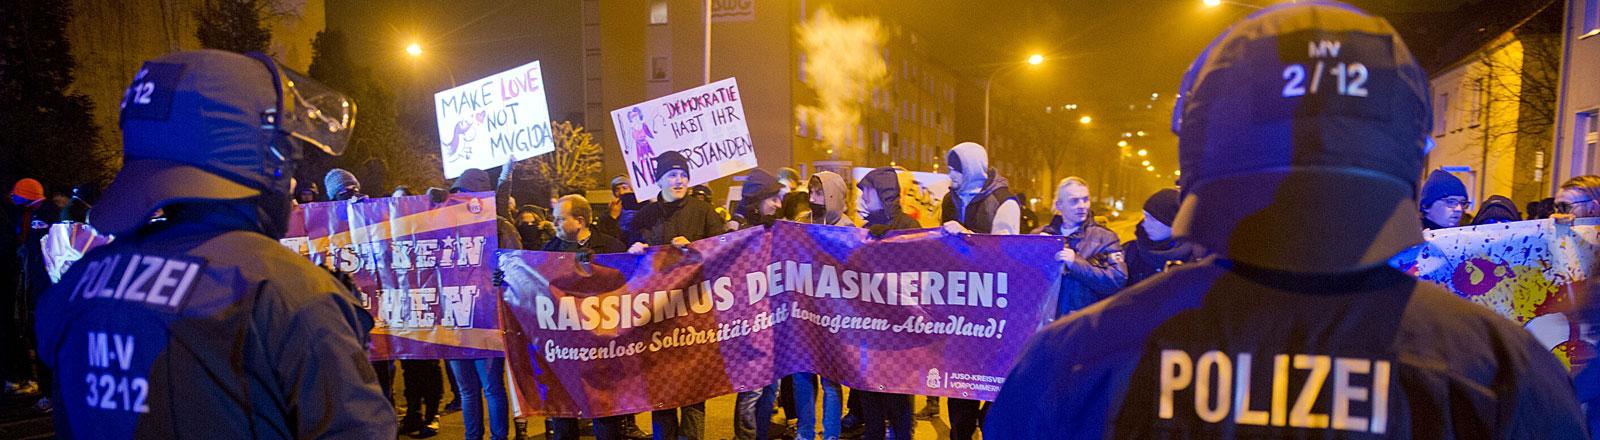 """Gegendemonstranten protestieren am 19.01.2015 mit einem Plakatschriftzug """"Rassismus Demaskieren!"""" gegen die islamkritische Bewegung der Mvgida (Mecklenburg-Vorpommern gegen die Islamisierung des Abendlandes) in Stralsund"""